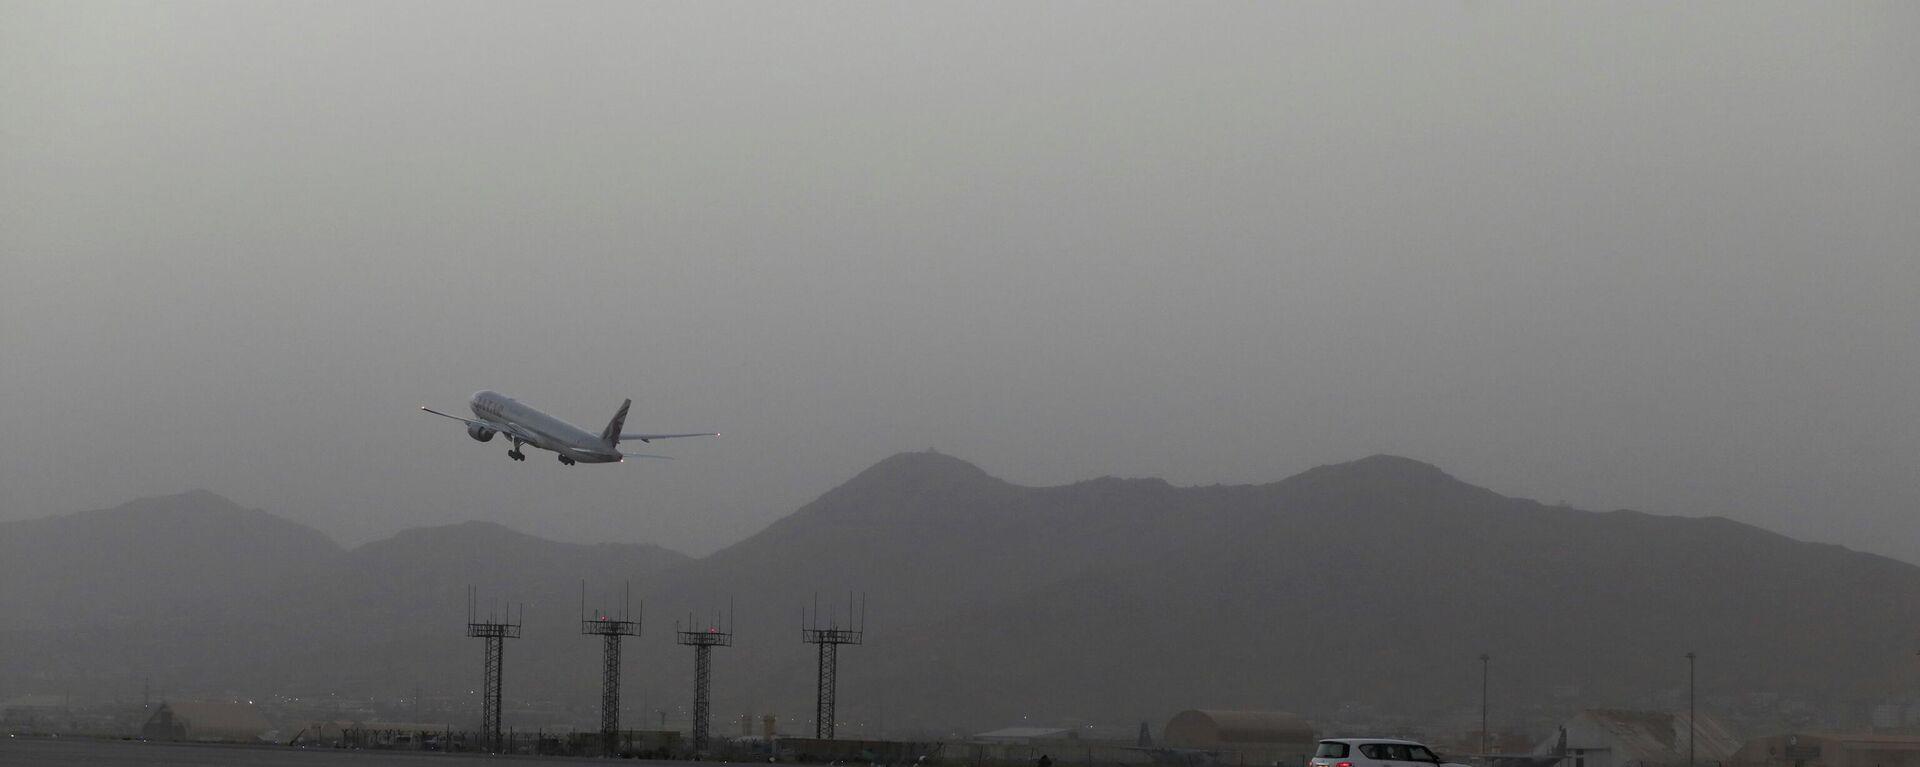 Un avión despega del aeropuerto de Kabul, el 10 de septiembre de 2021 - Sputnik Mundo, 1920, 11.09.2021